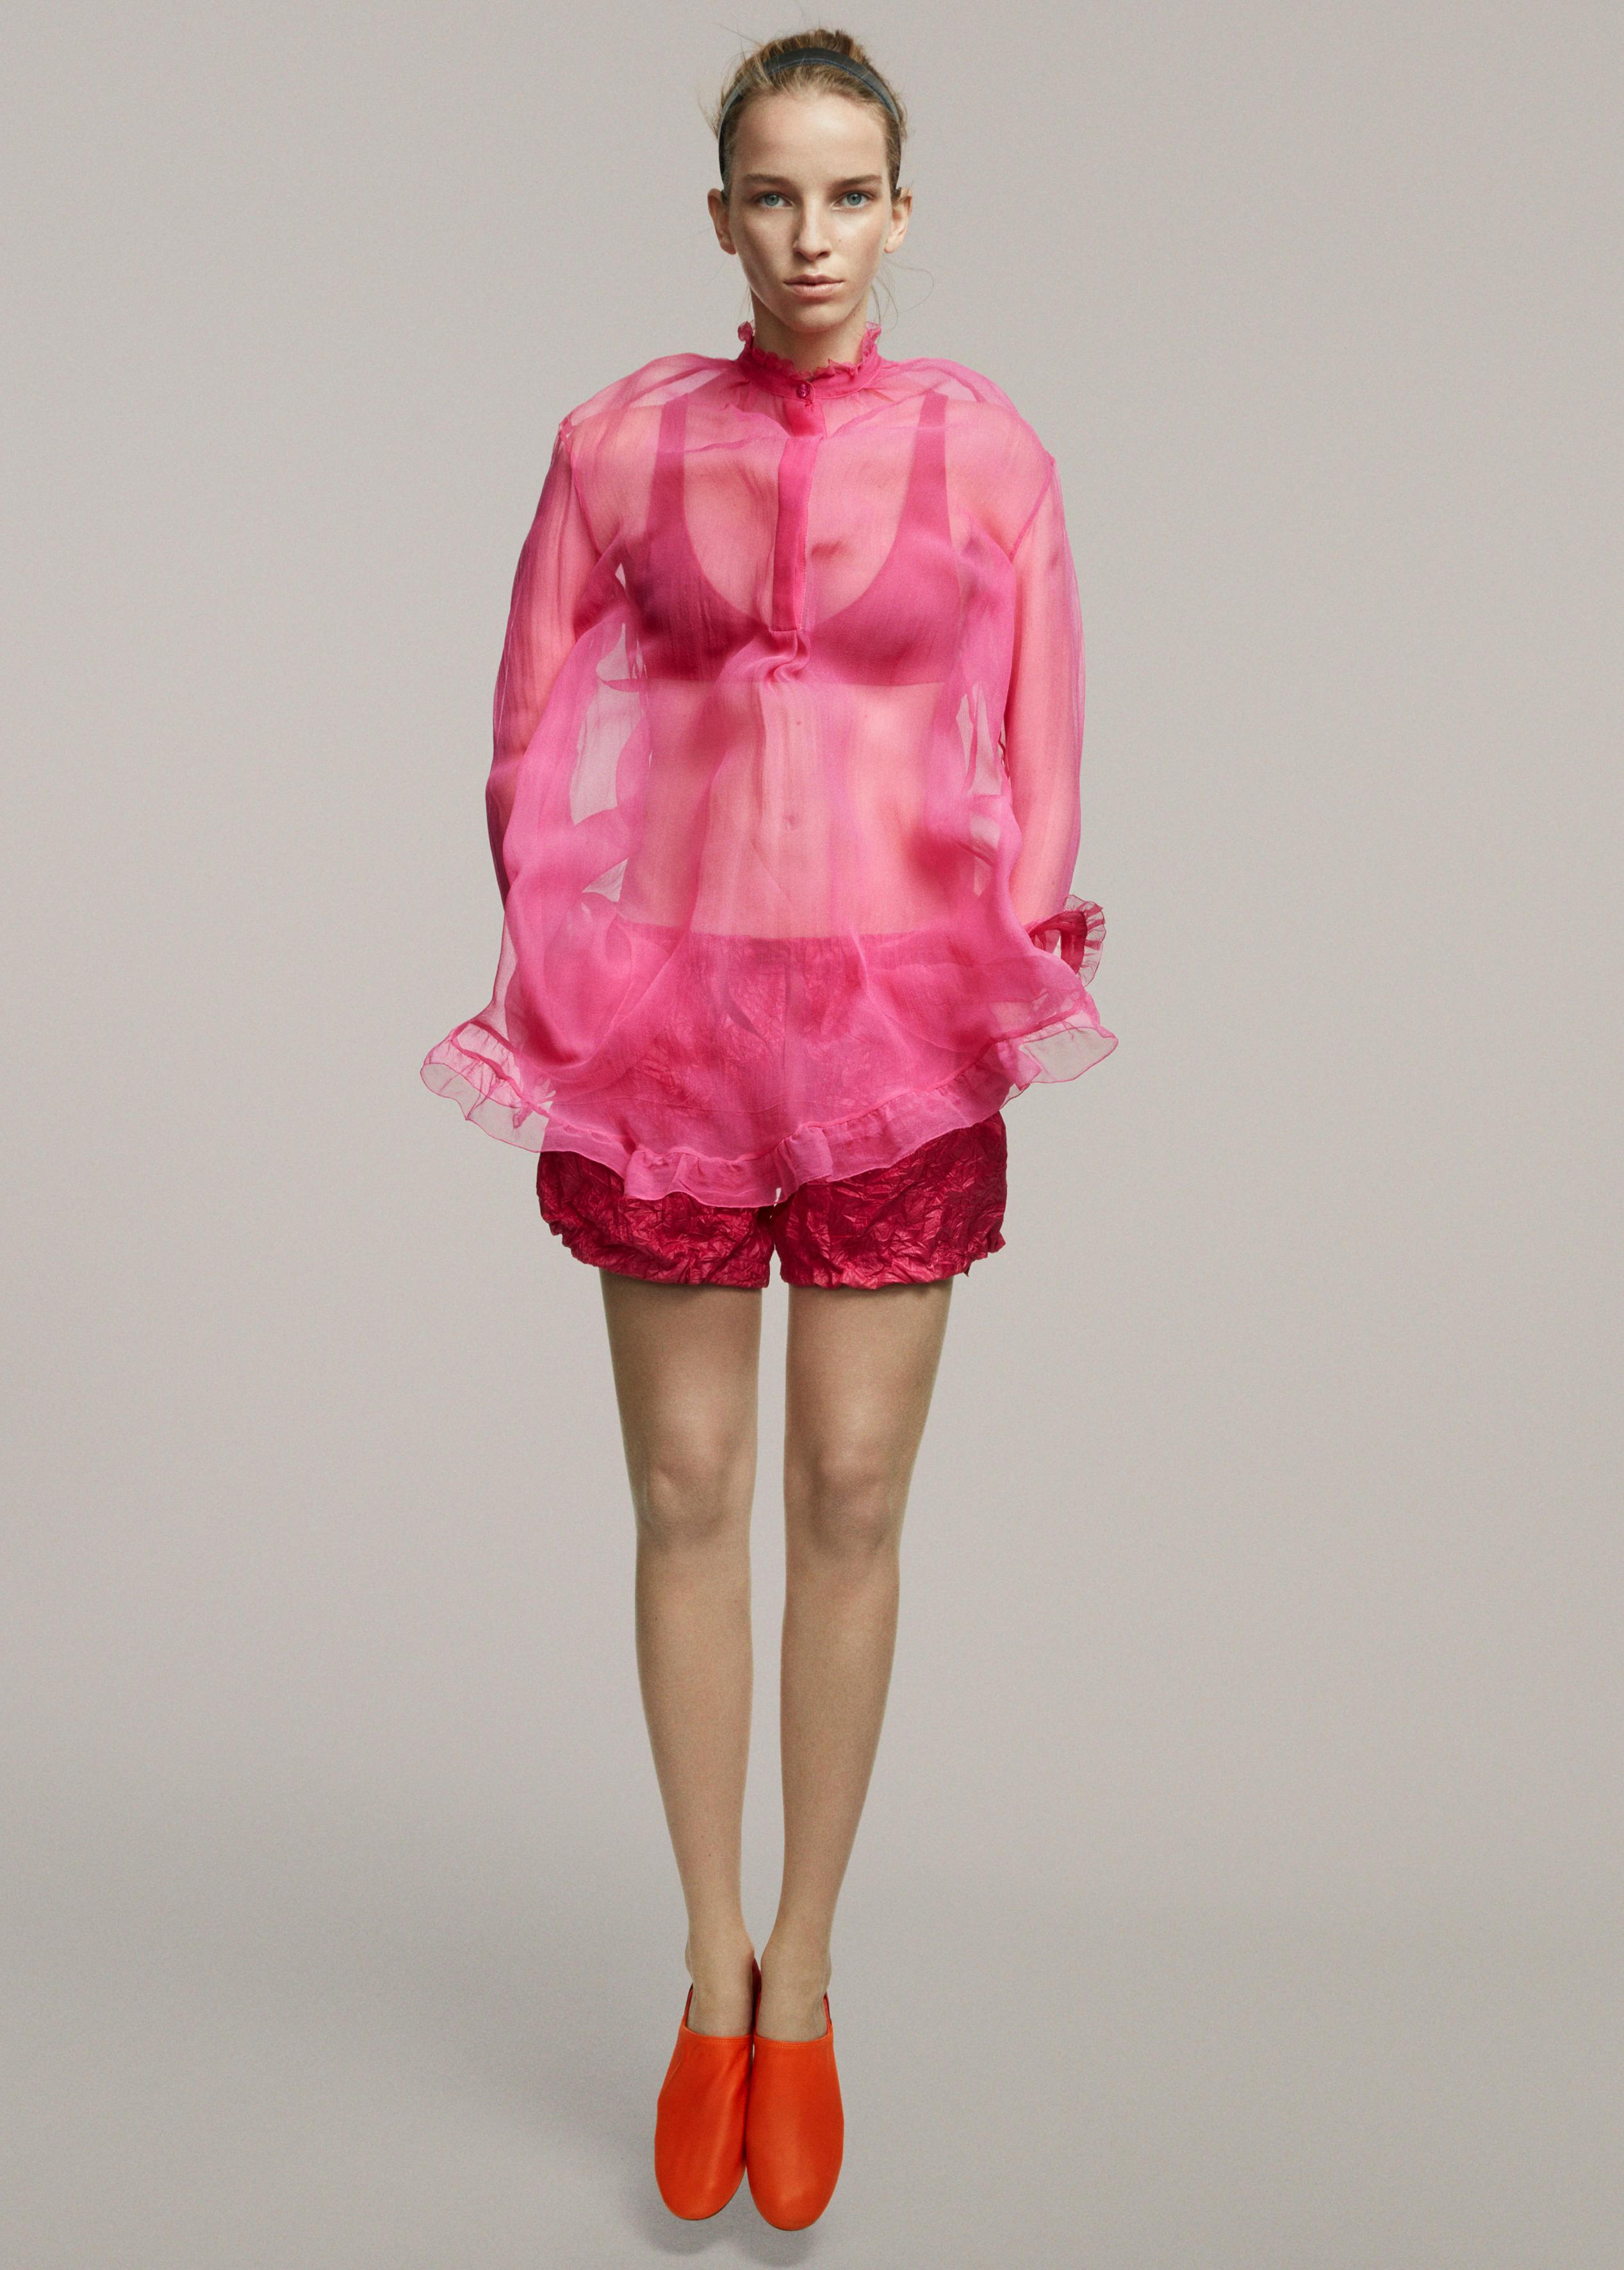 H&M Studio S/S 2017: ženska kolekcija